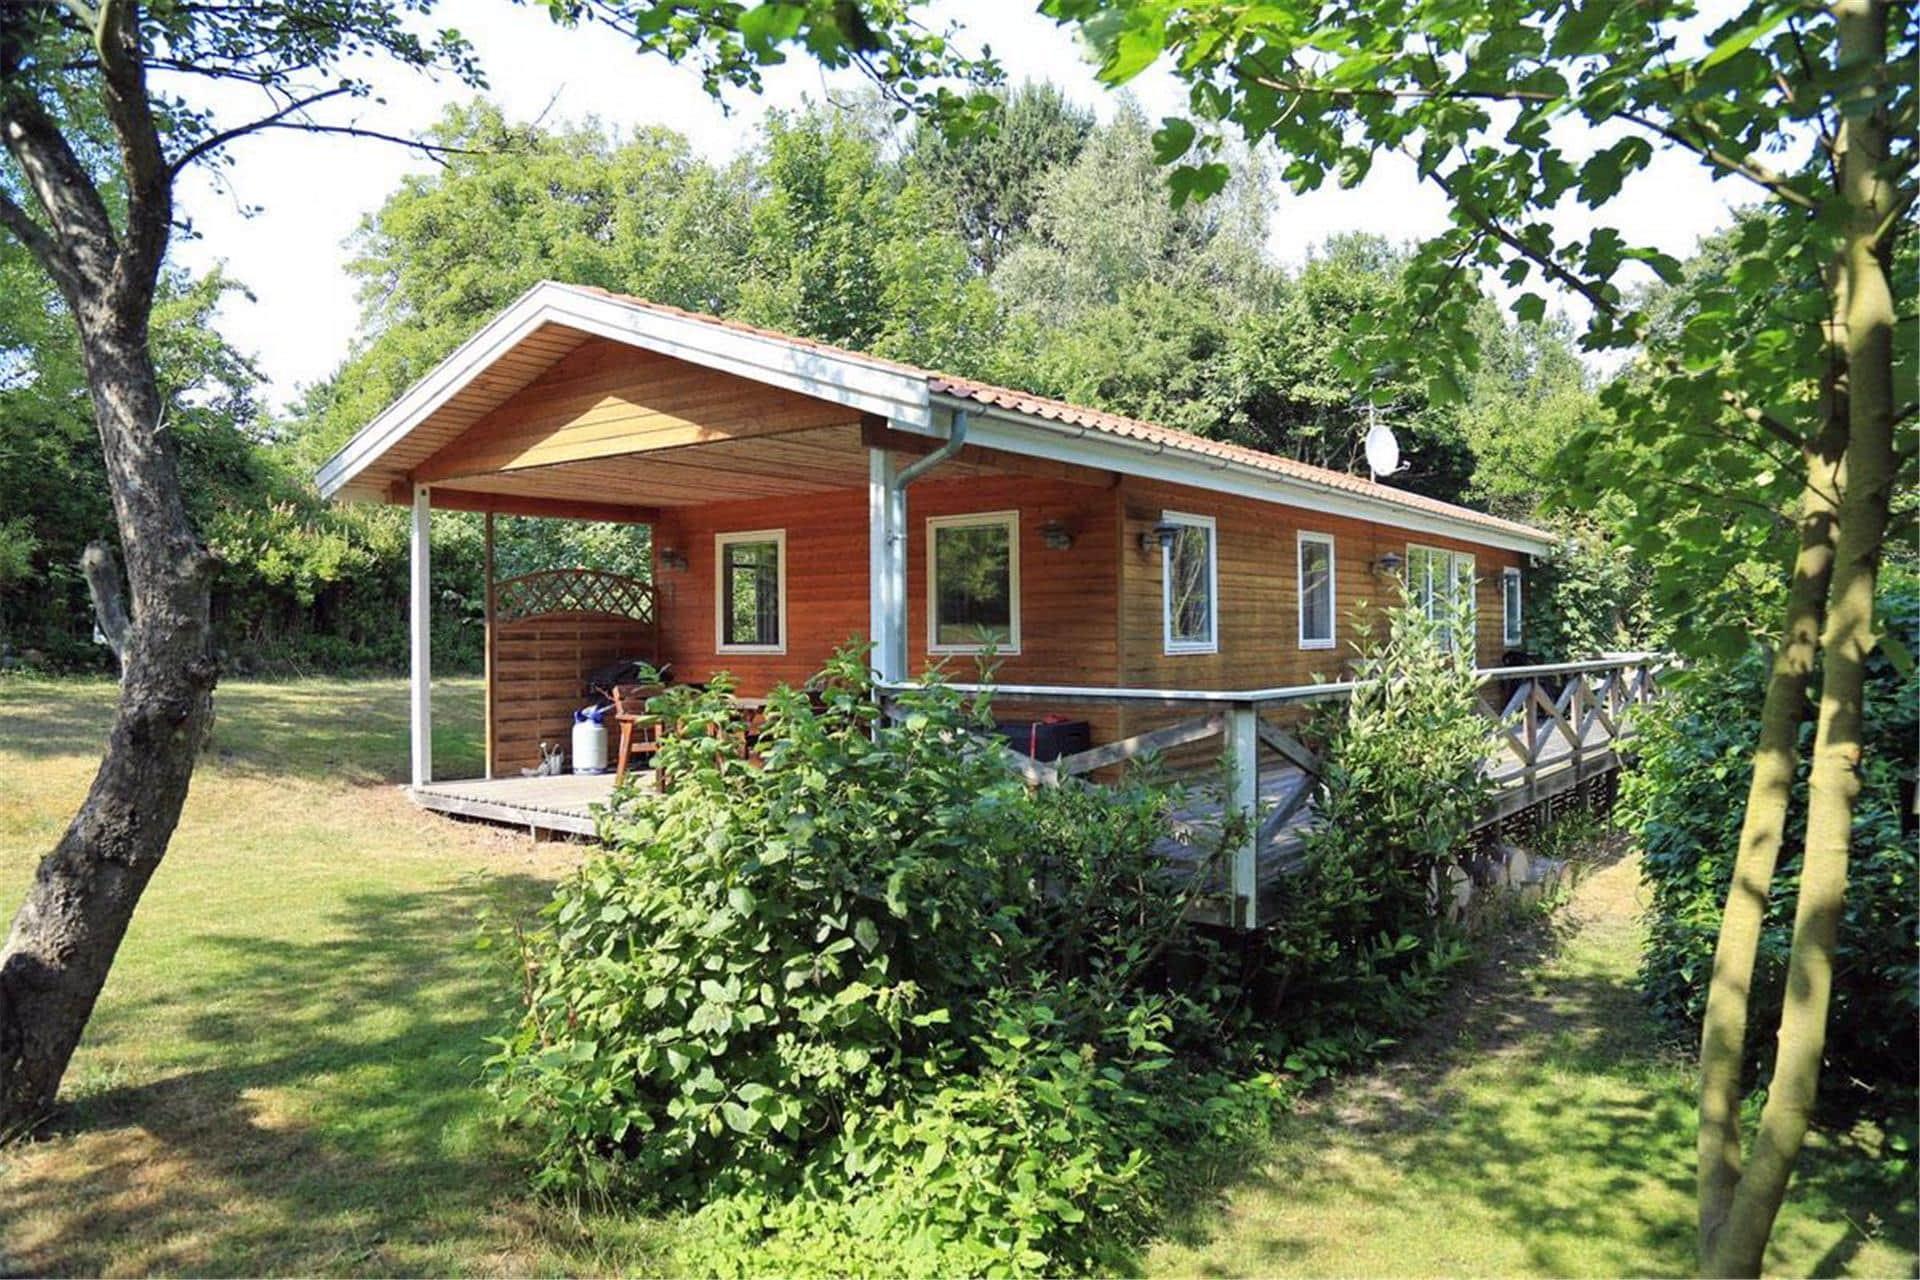 Billede 1-10 Sommerhus 6719, Bagå 6, DK - 3790 Hasle